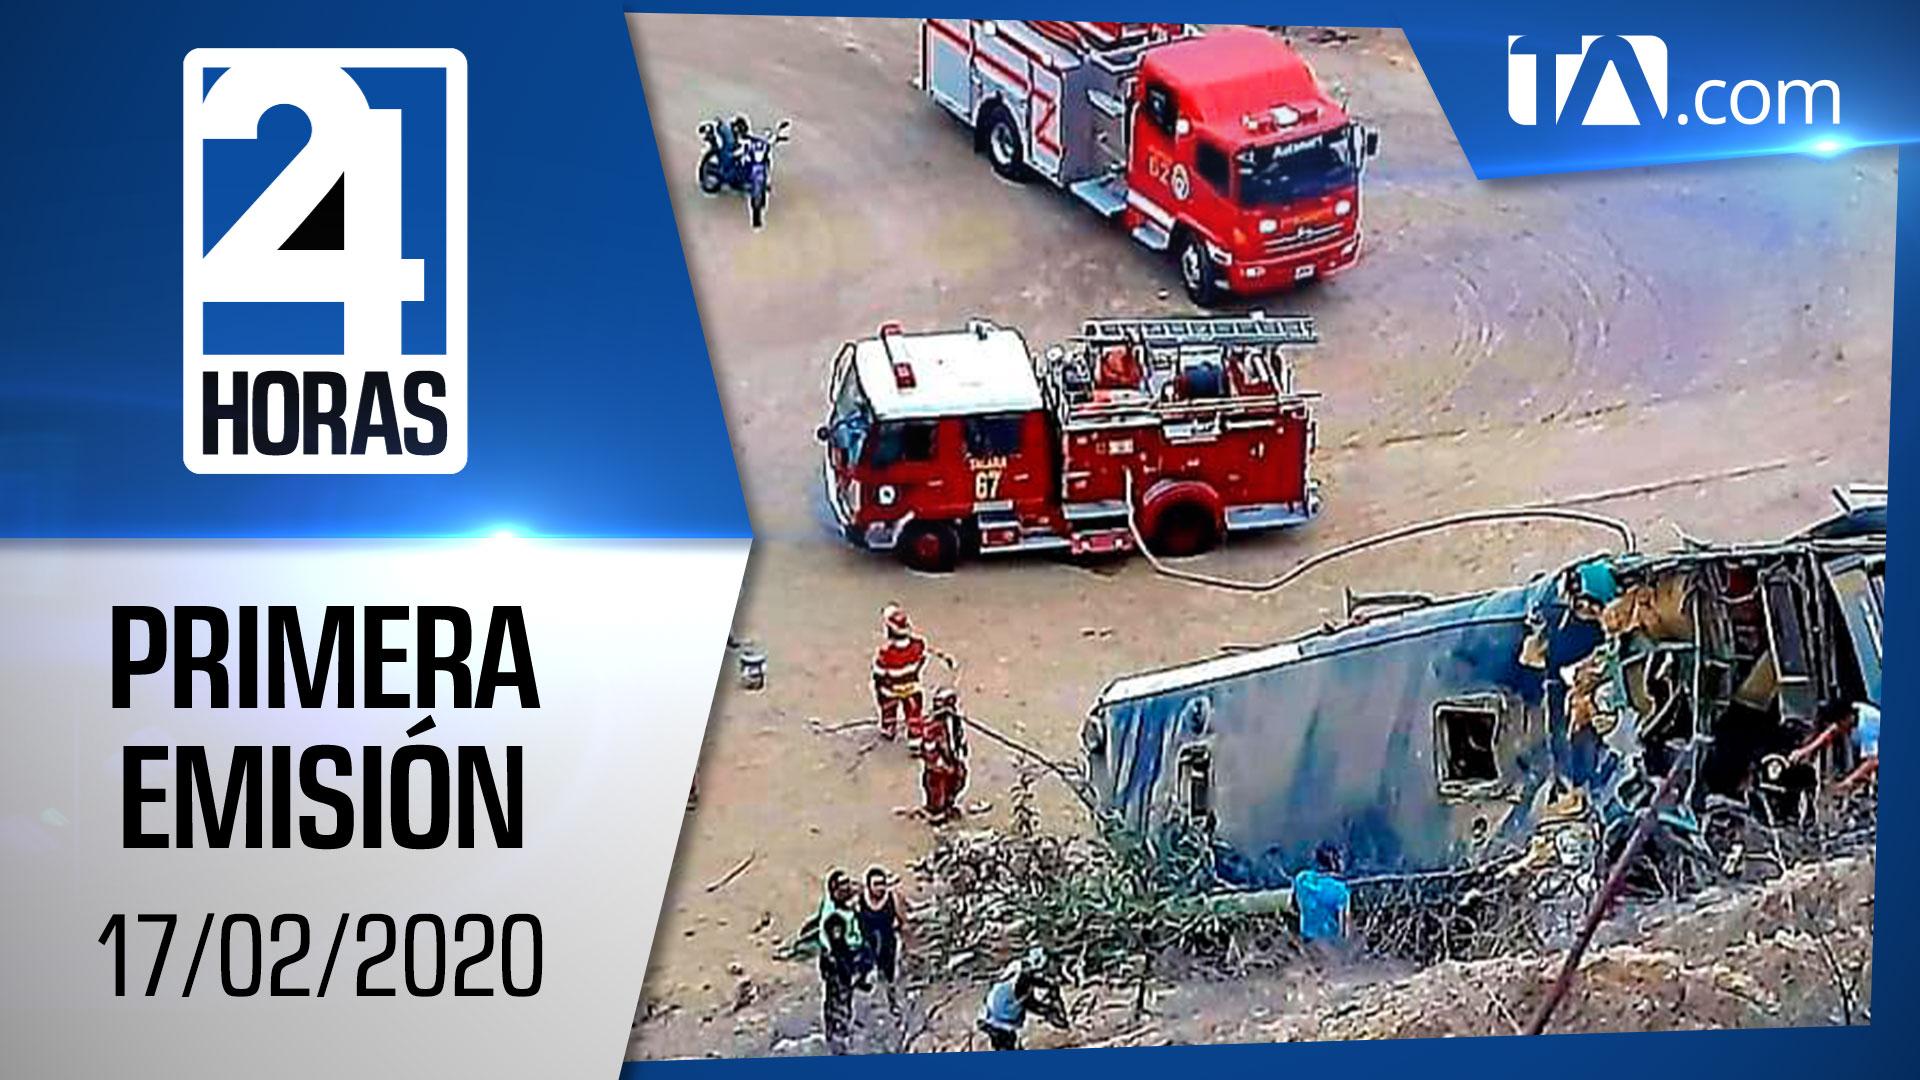 Noticias Ecuador: Noticiero 24 Horas 17/02/2020 (Primera Emisión)